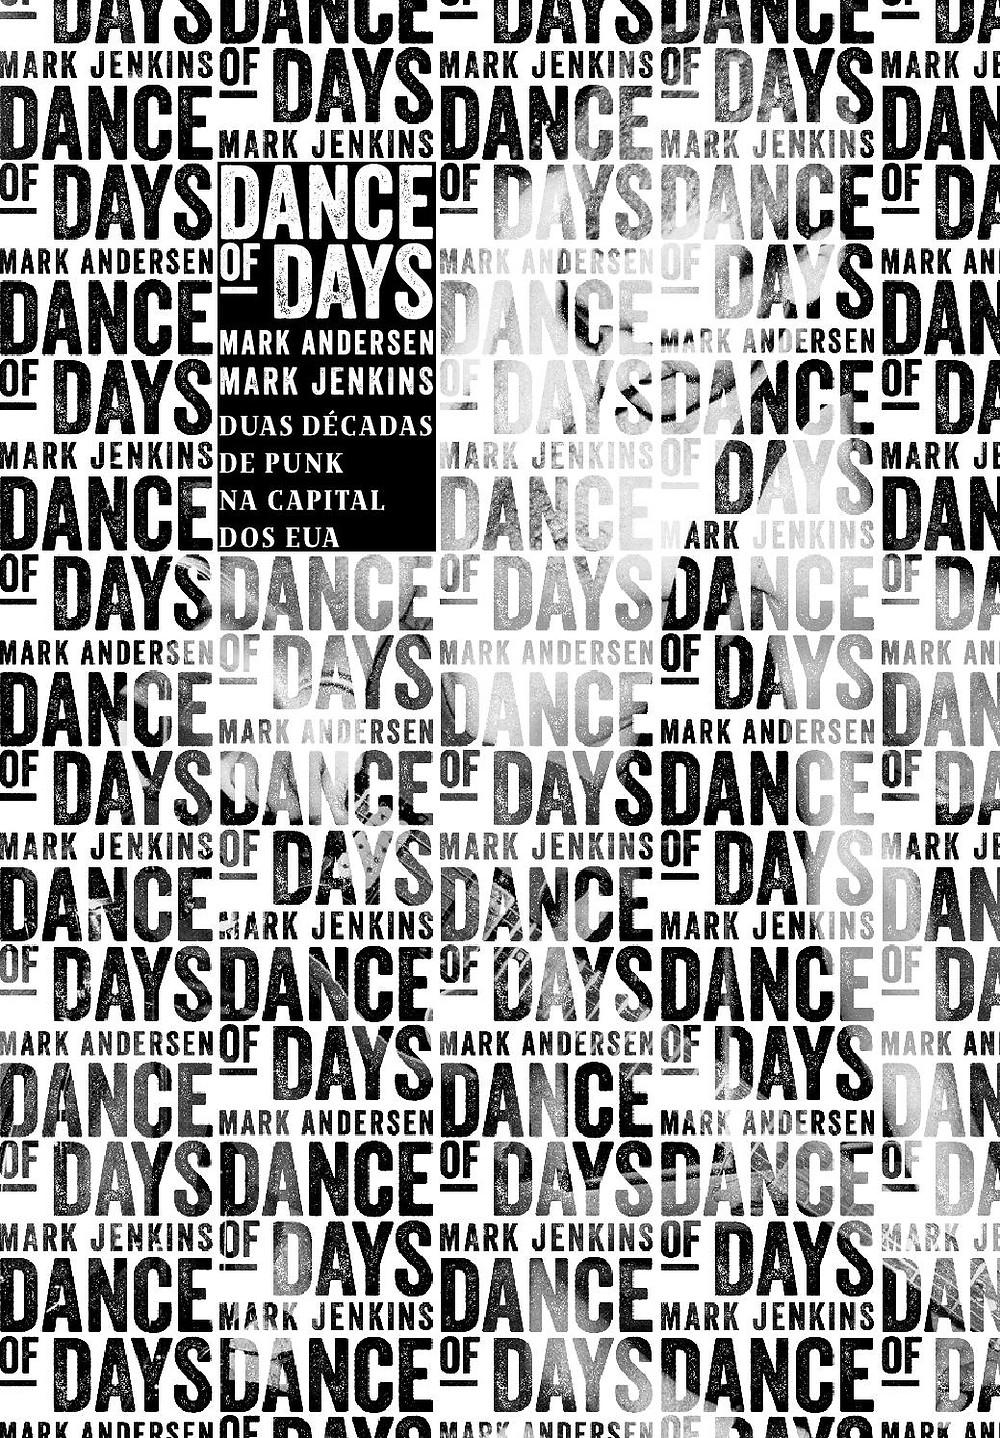 Livro Dance of Days: Duas Décadas De Punk Na Capital dos EUA.